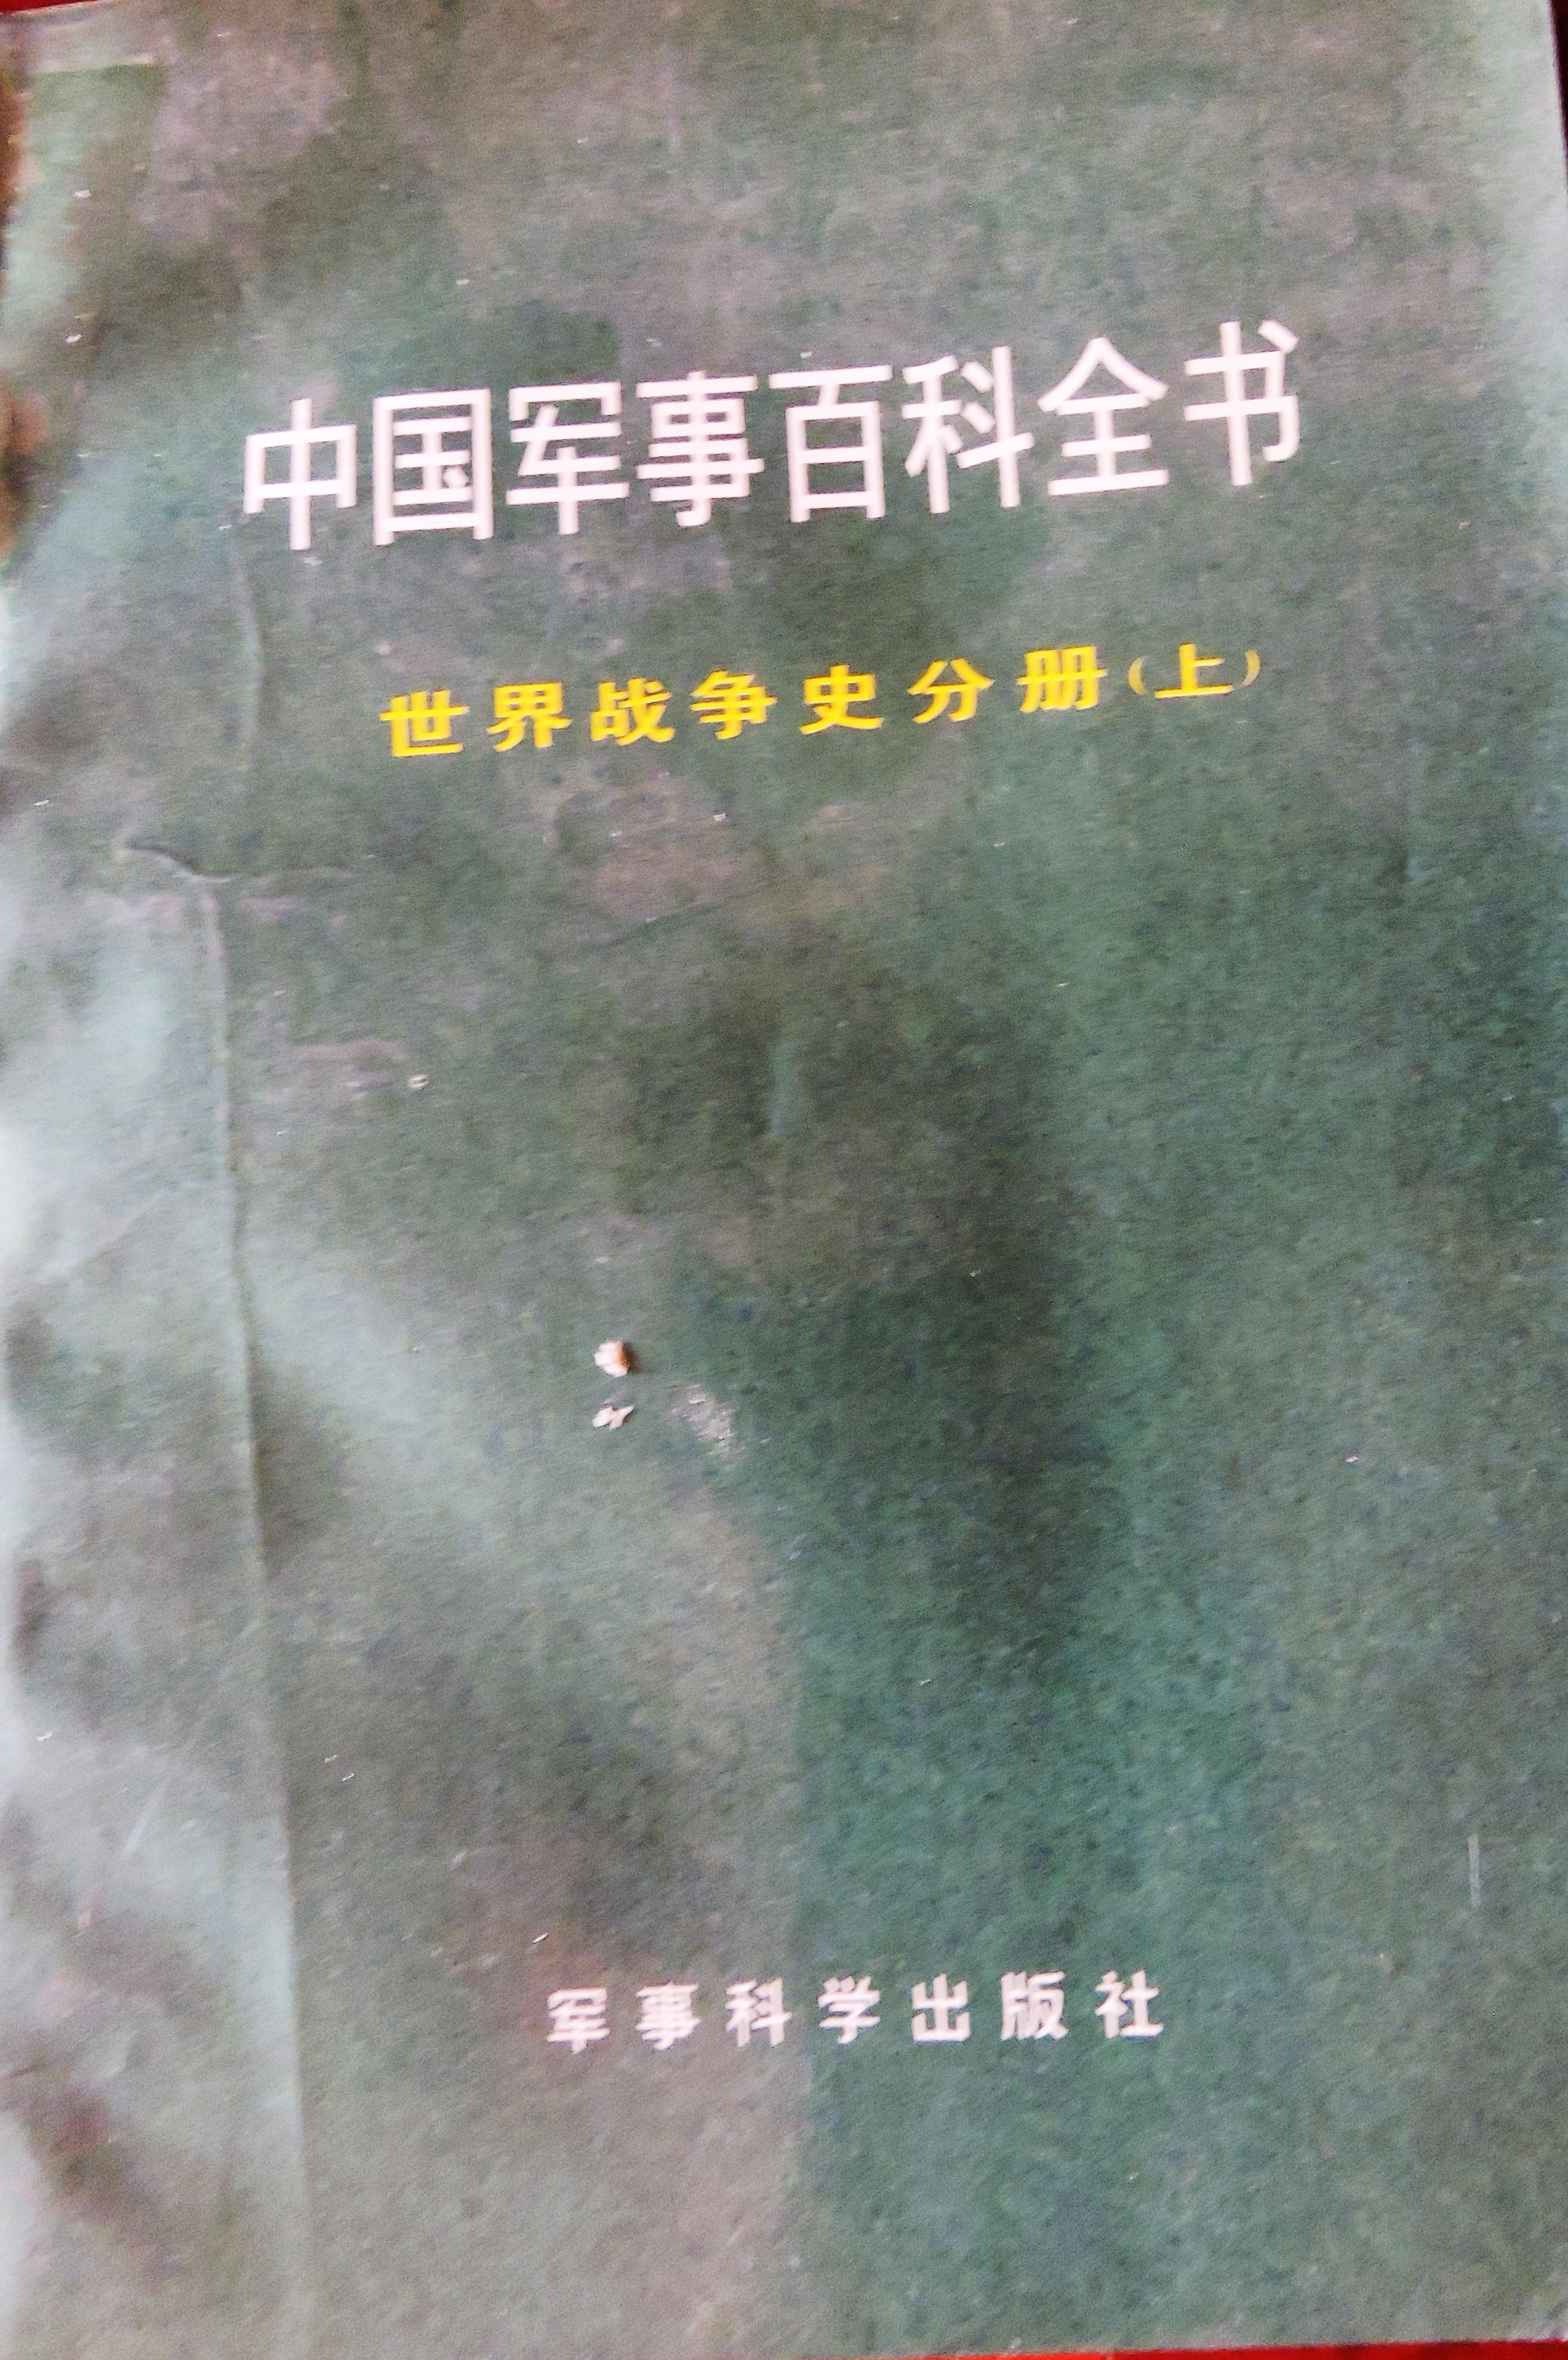 1 DSCN8323.jpg